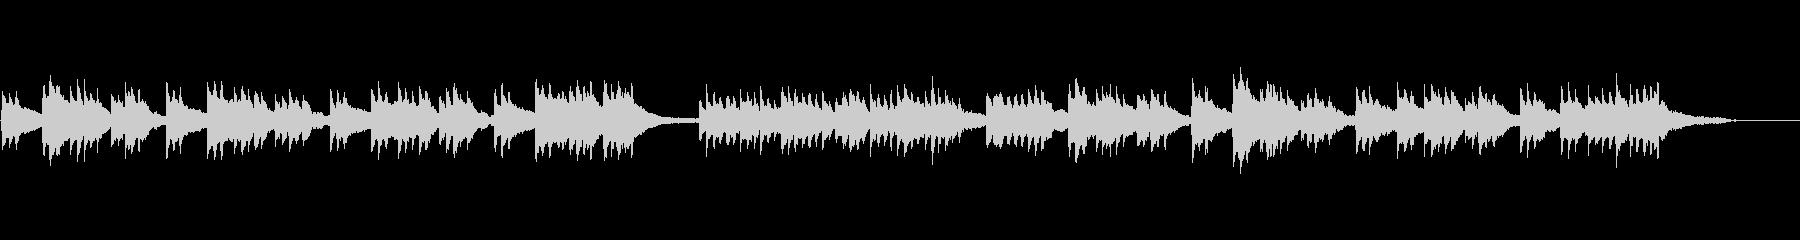 ダルシマー&ピアノ_シルクロードの未再生の波形